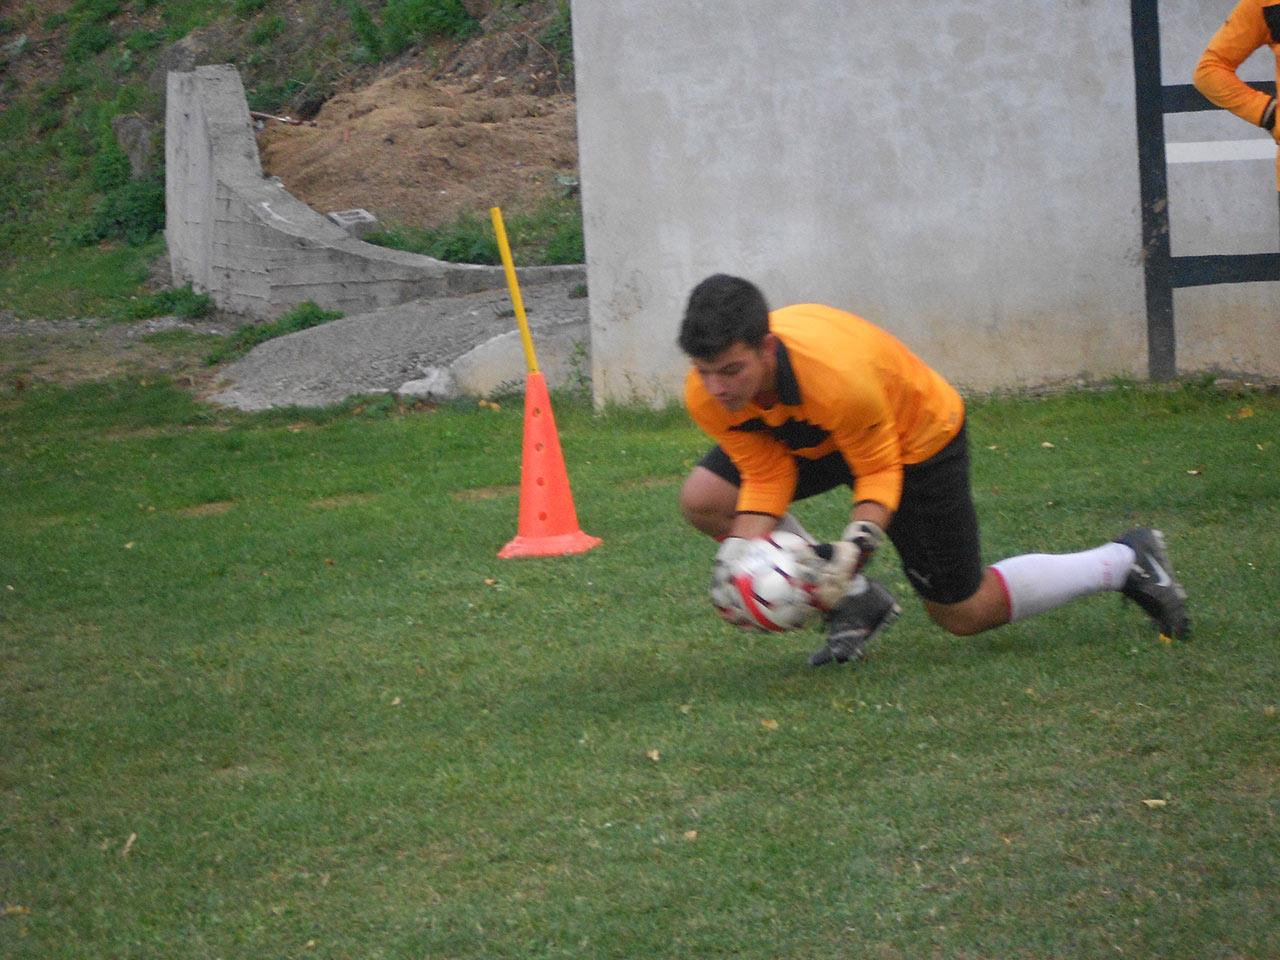 Ατομικές Προπονήσεις Τερματοφυλάκων Νικητές FC - Καλλιεργούμε τη νοοτροπία του Νικητή - Γέρακας, Παλλήνη